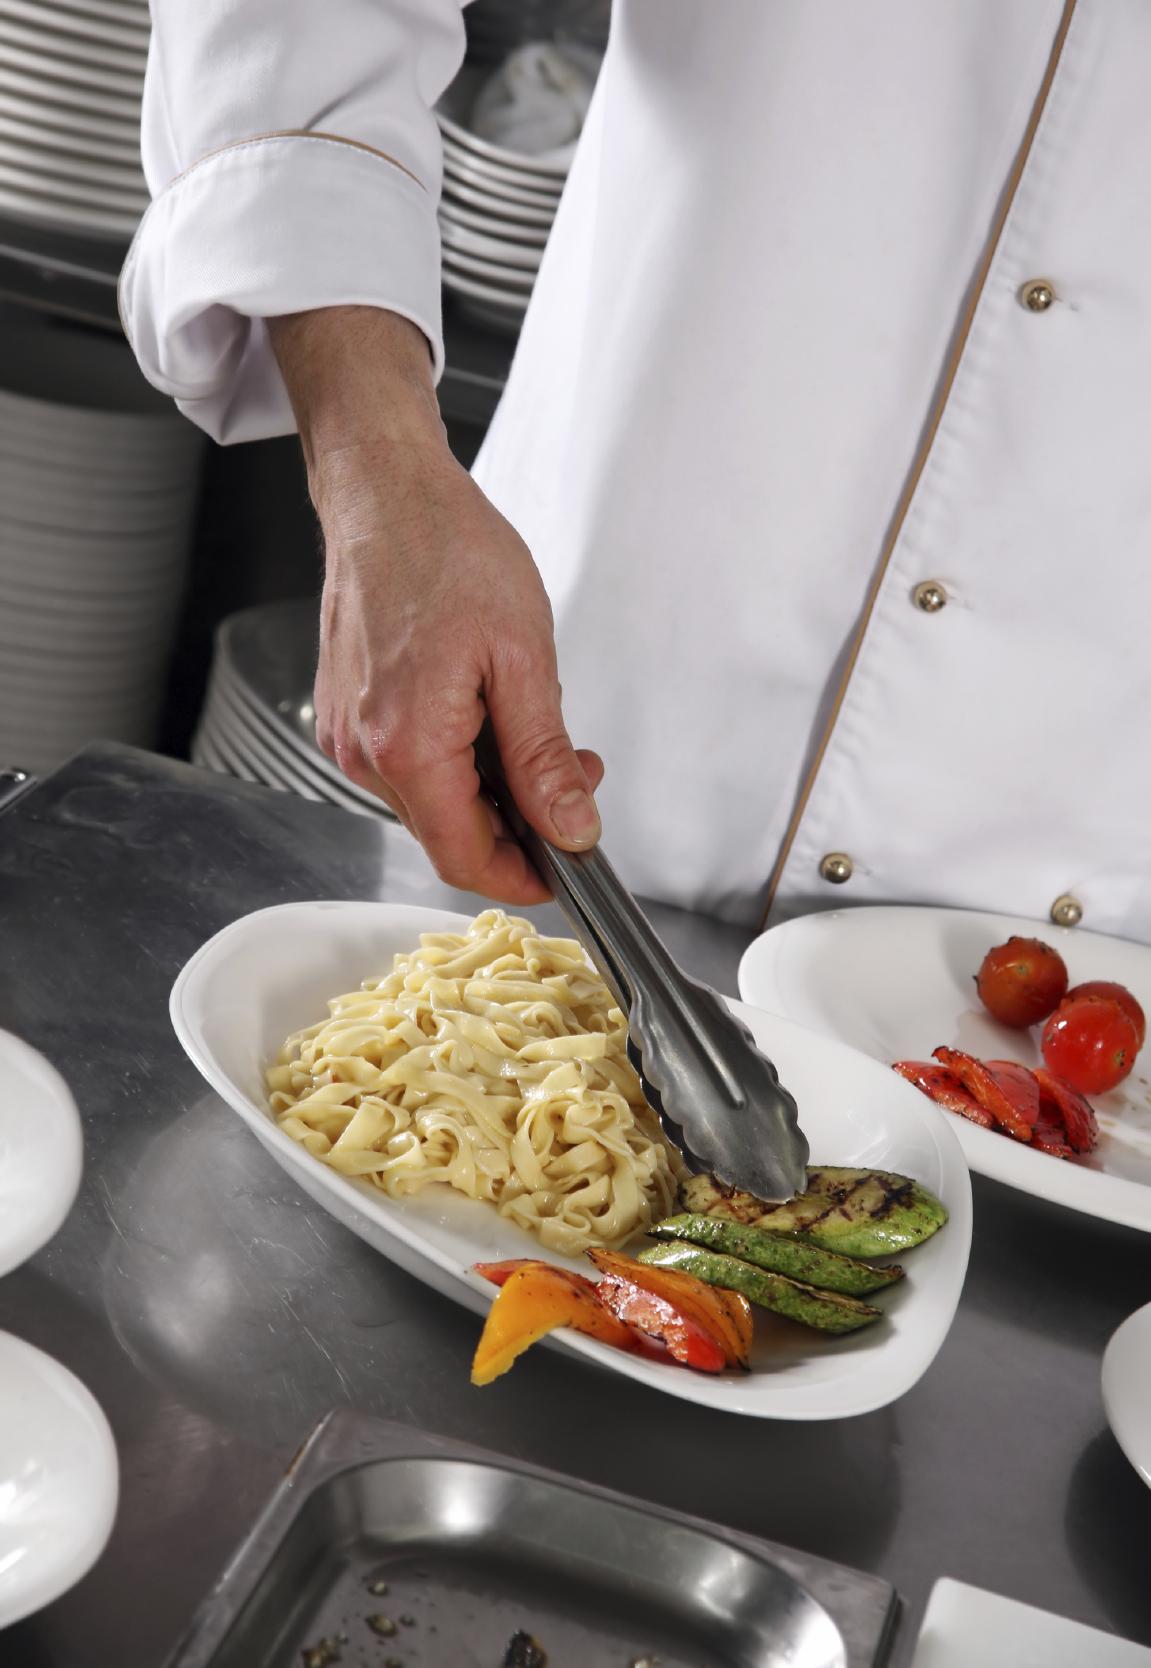 chef-preparing-food.jpg